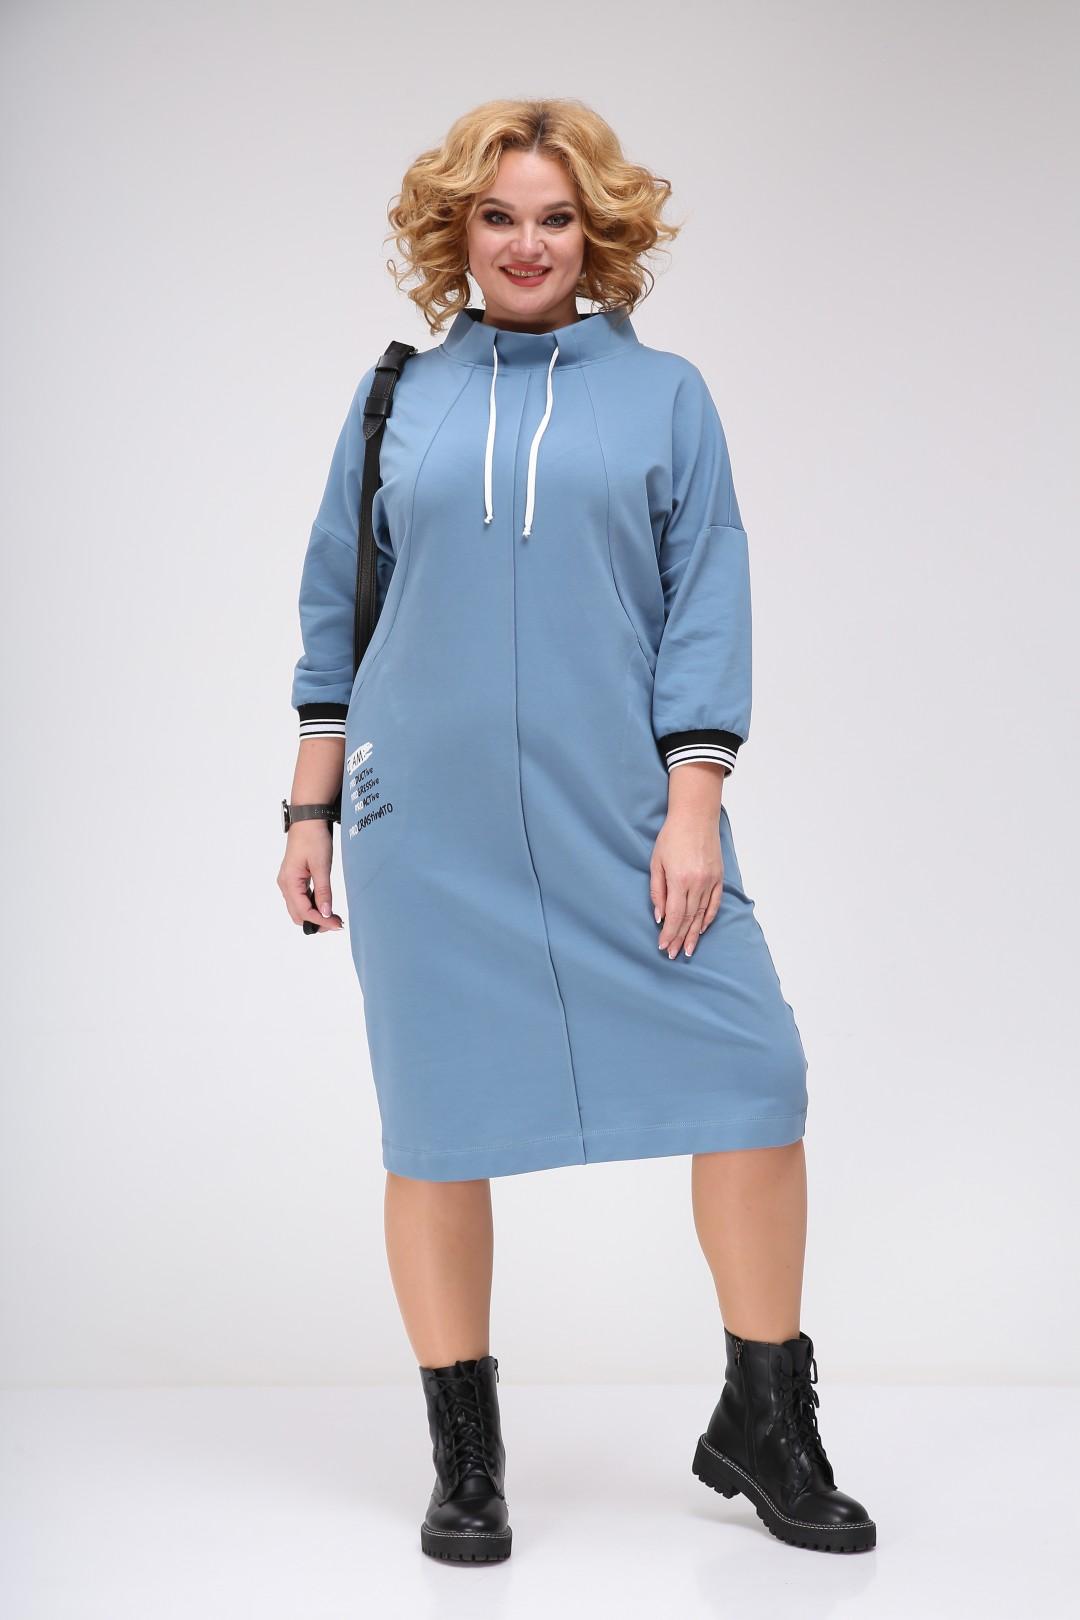 Платье Ивелта плюс ИВ-1758/1 голубой